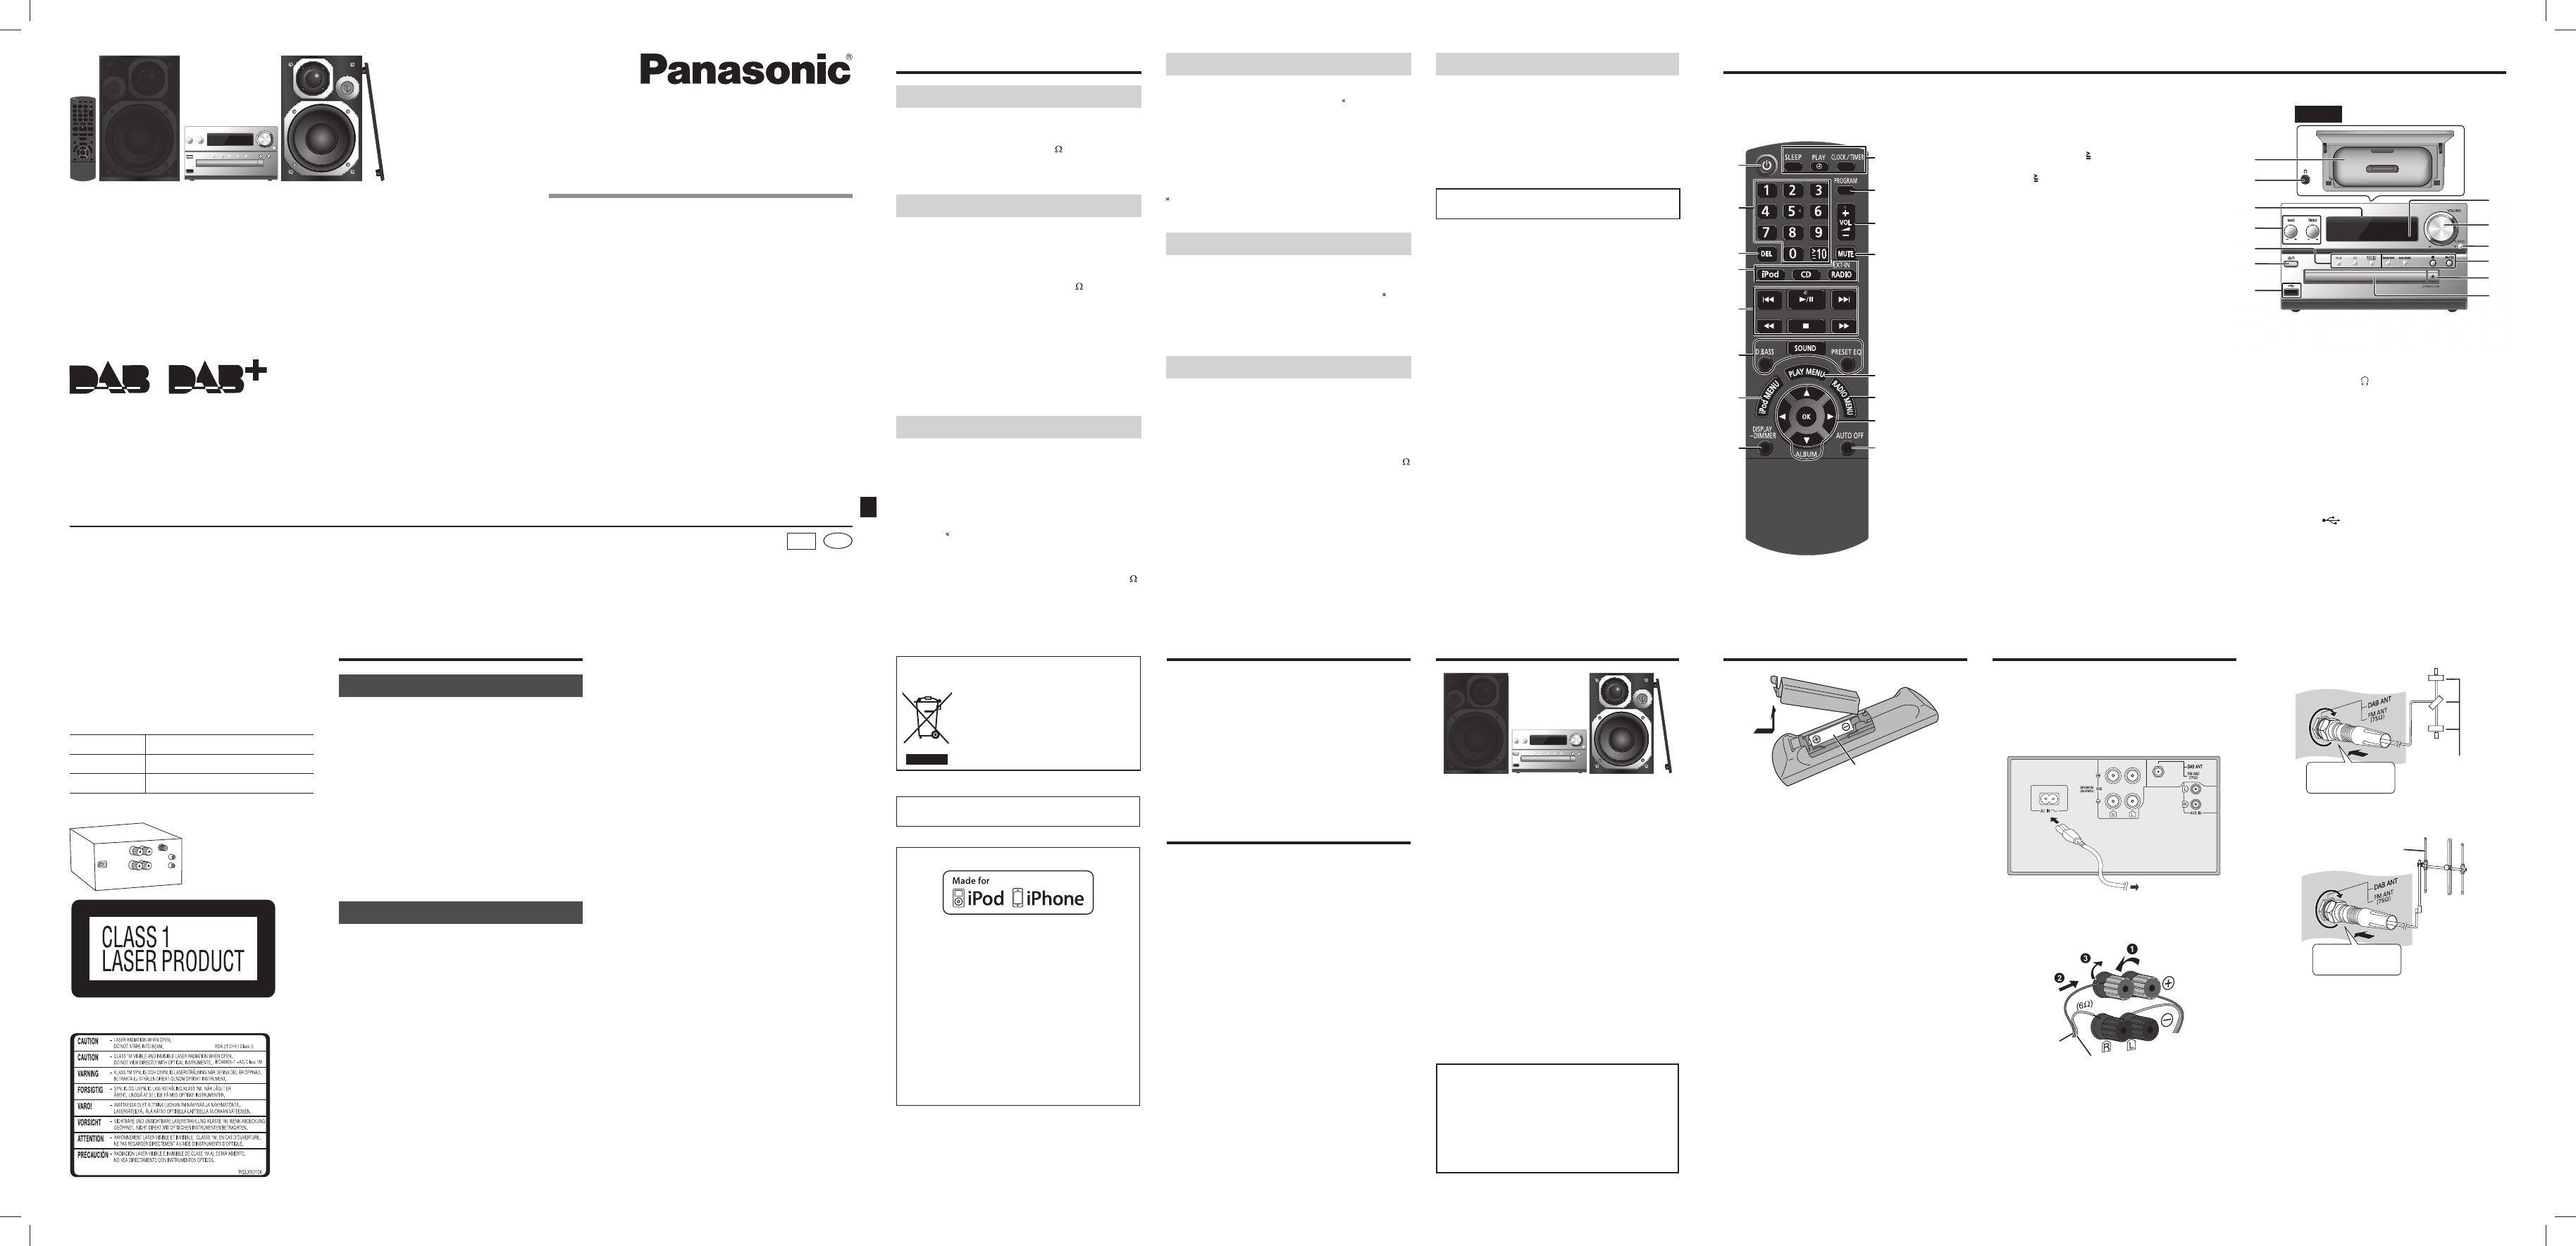 New Panasonic Inverter Wiring Diagram